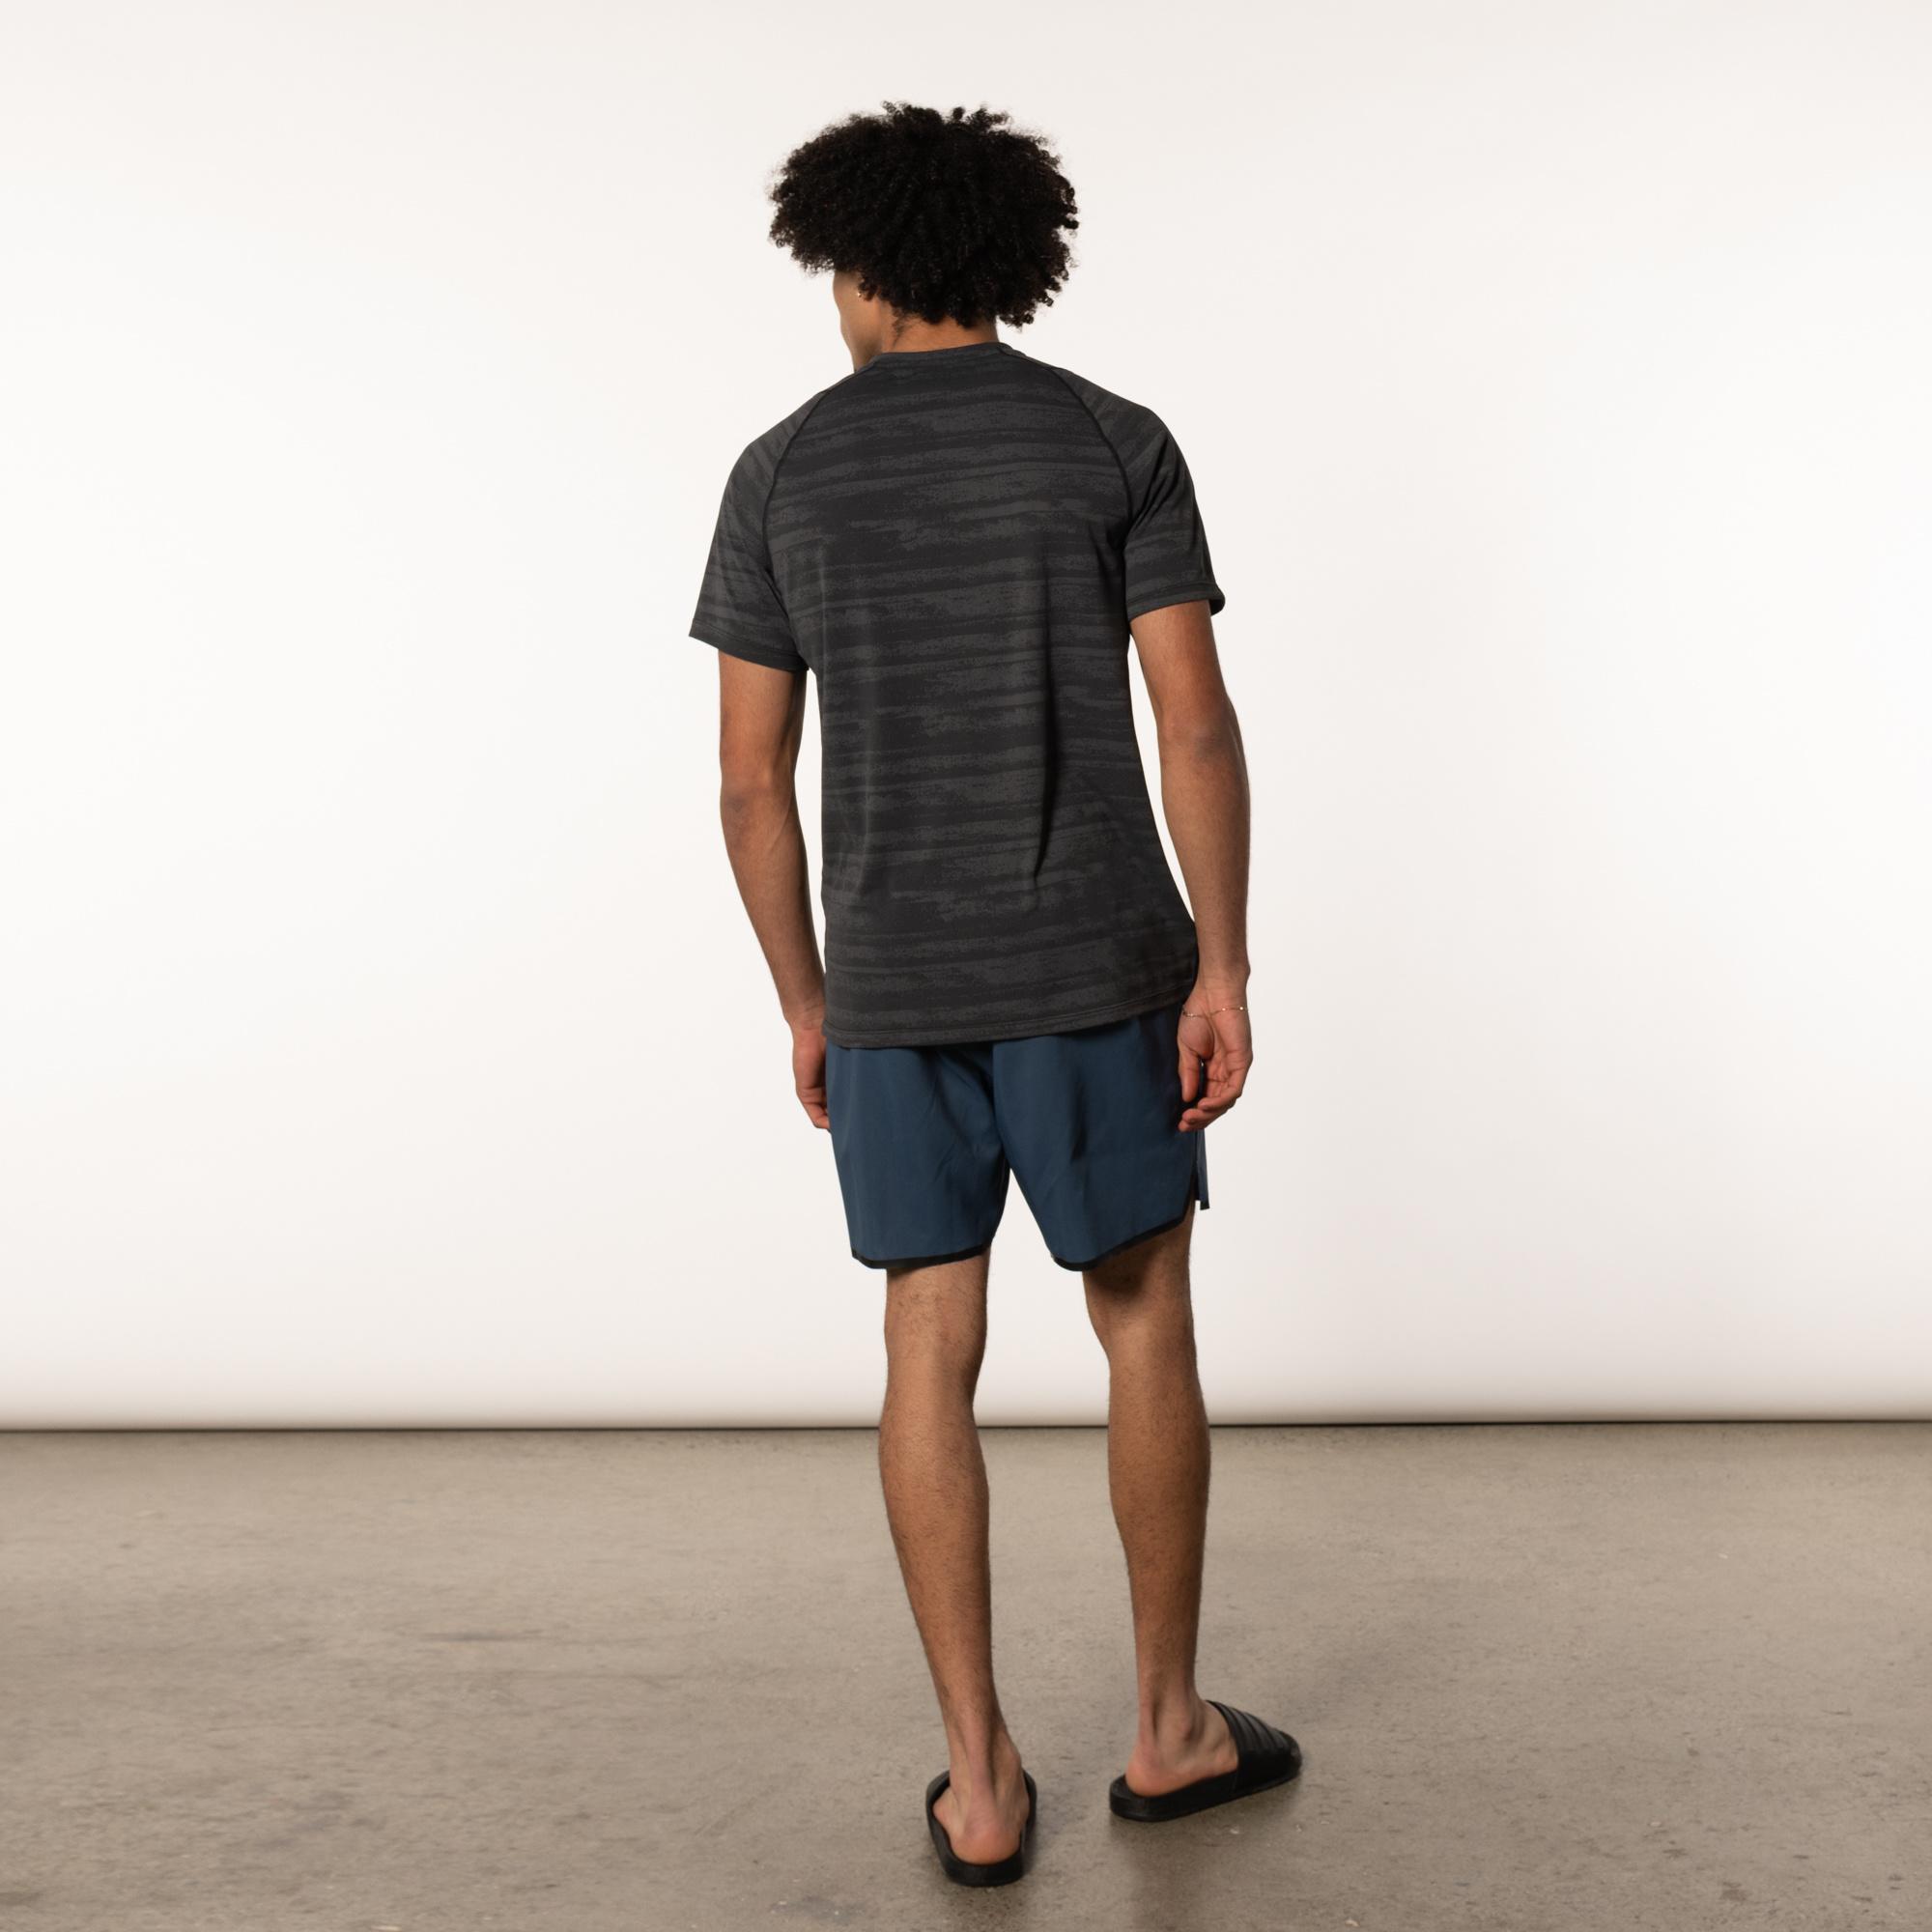 Aerator Short Sleeve TEE Black Washed Stripe